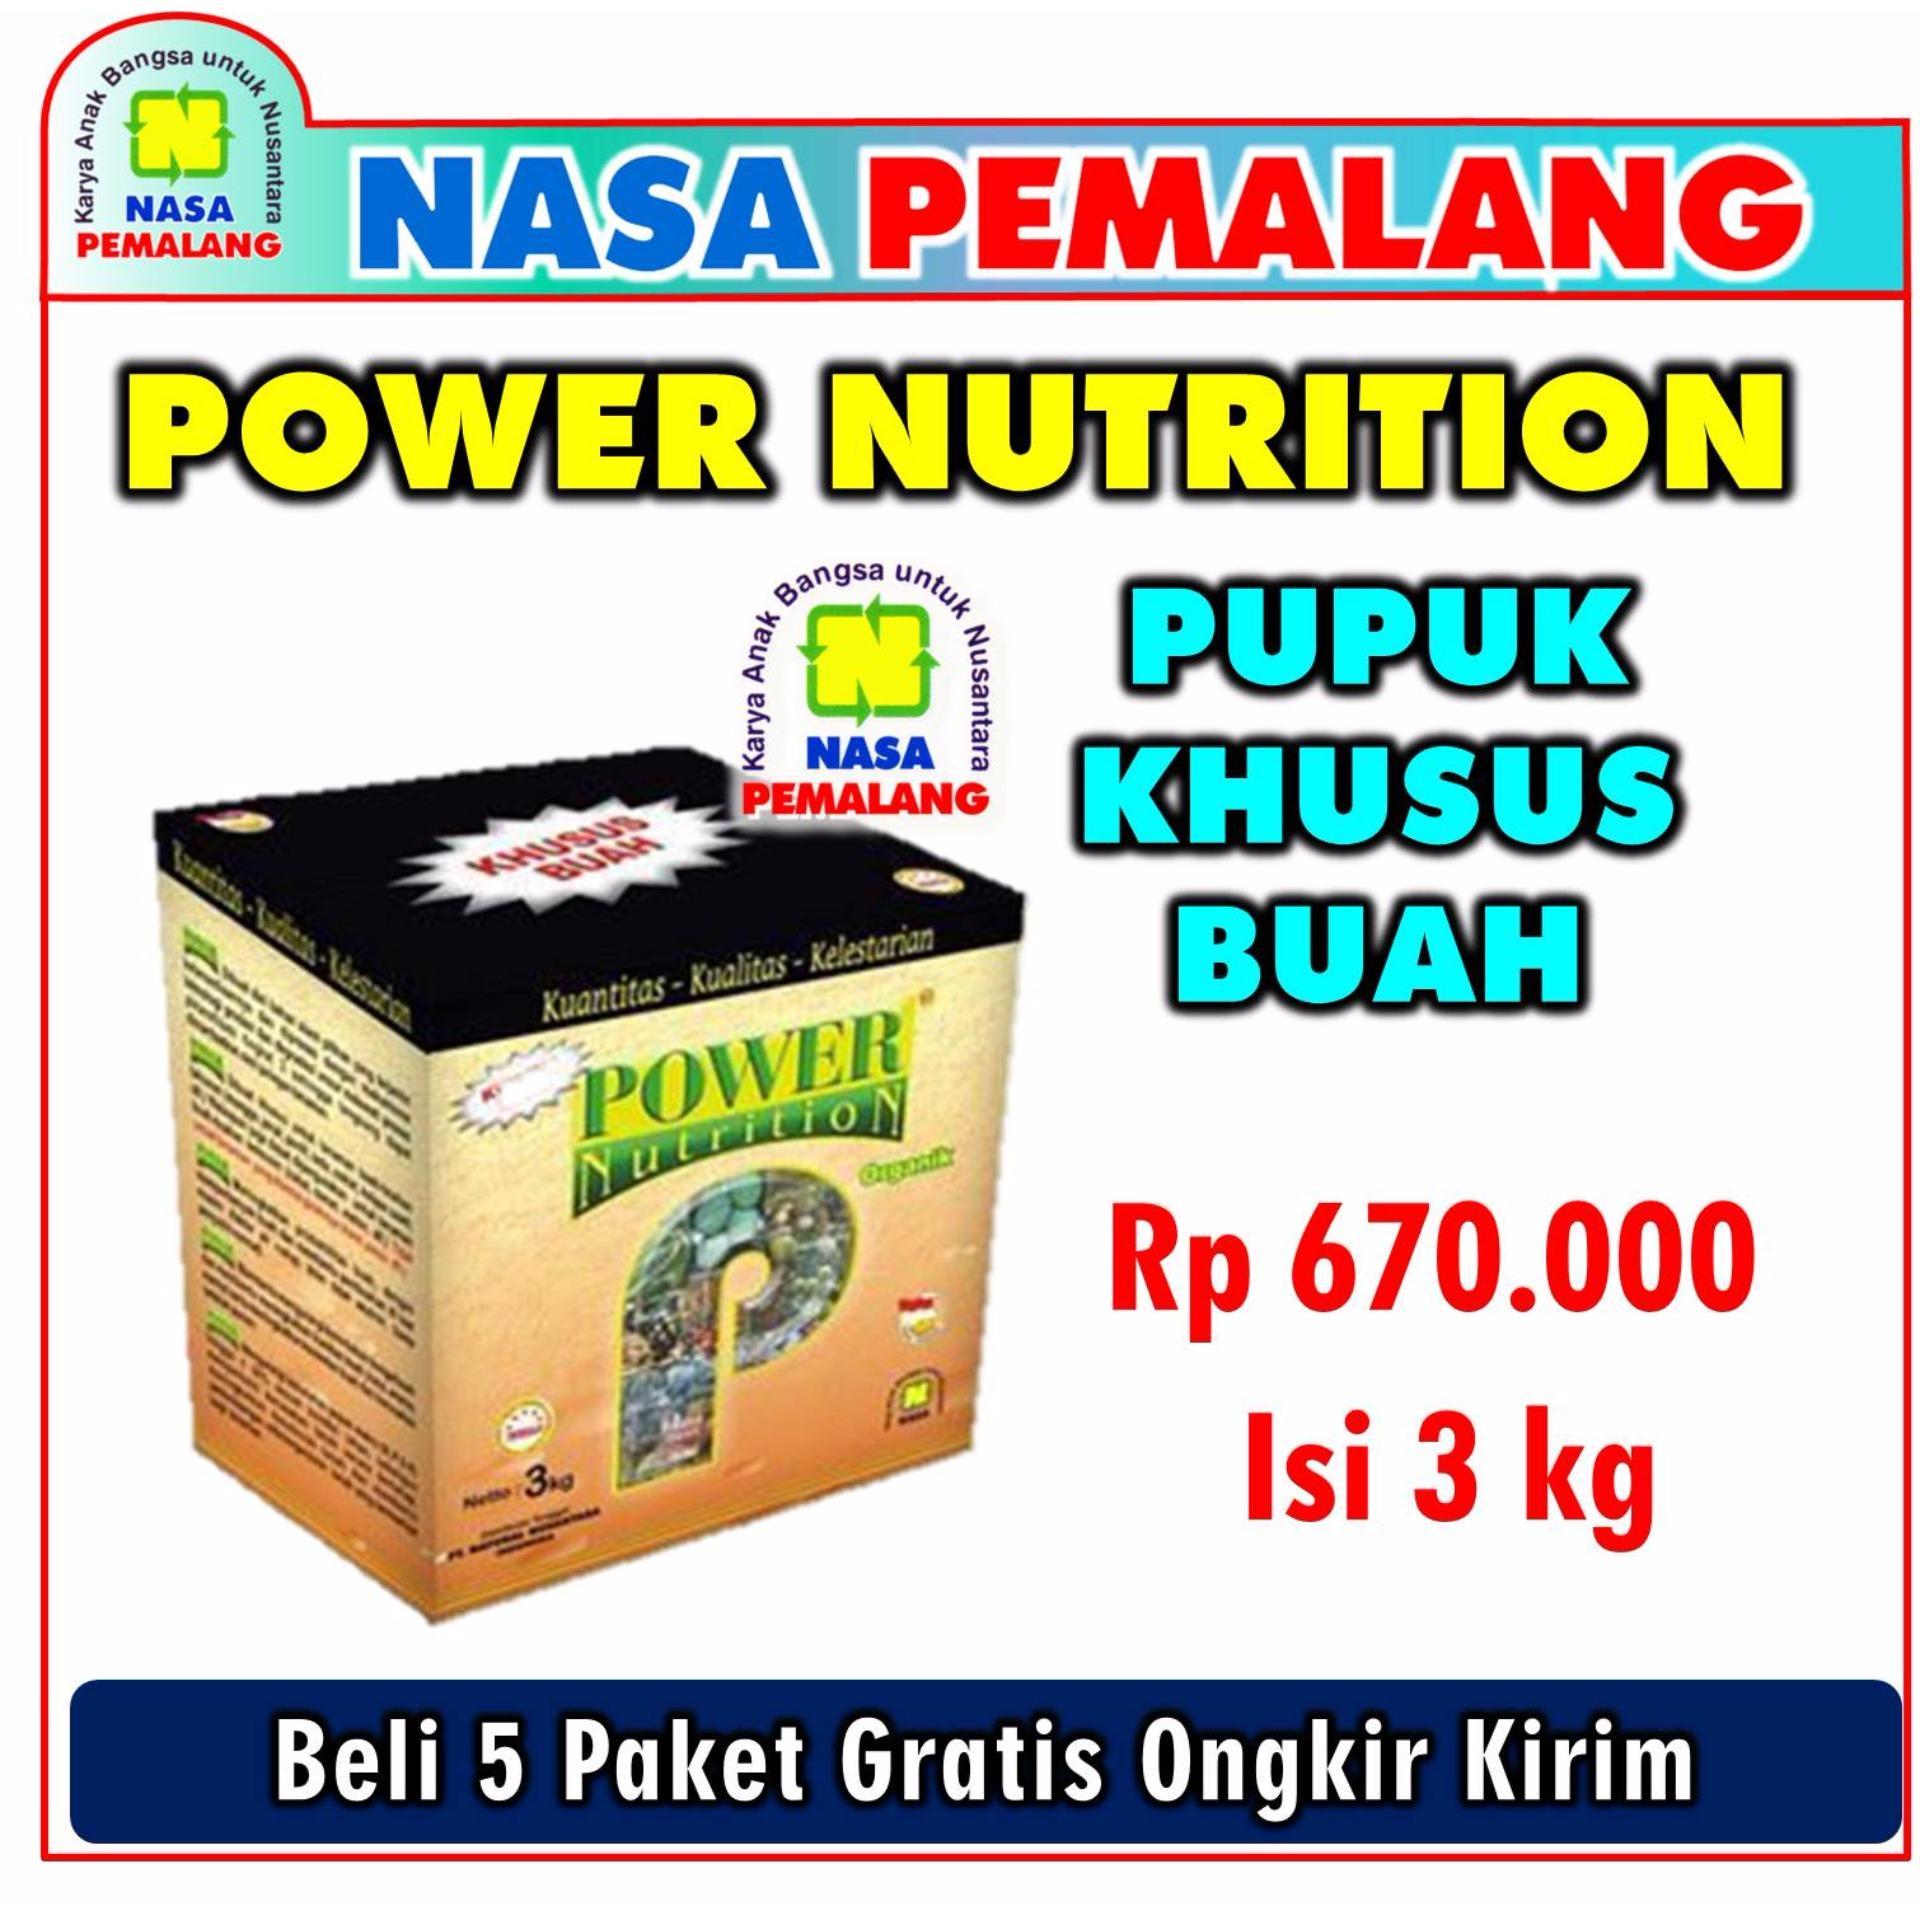 Pencari Harga Power Nutrition Pupuk Organik Khusus Buah Kemasan 3 Kg - Nasa Pemalang lowest price